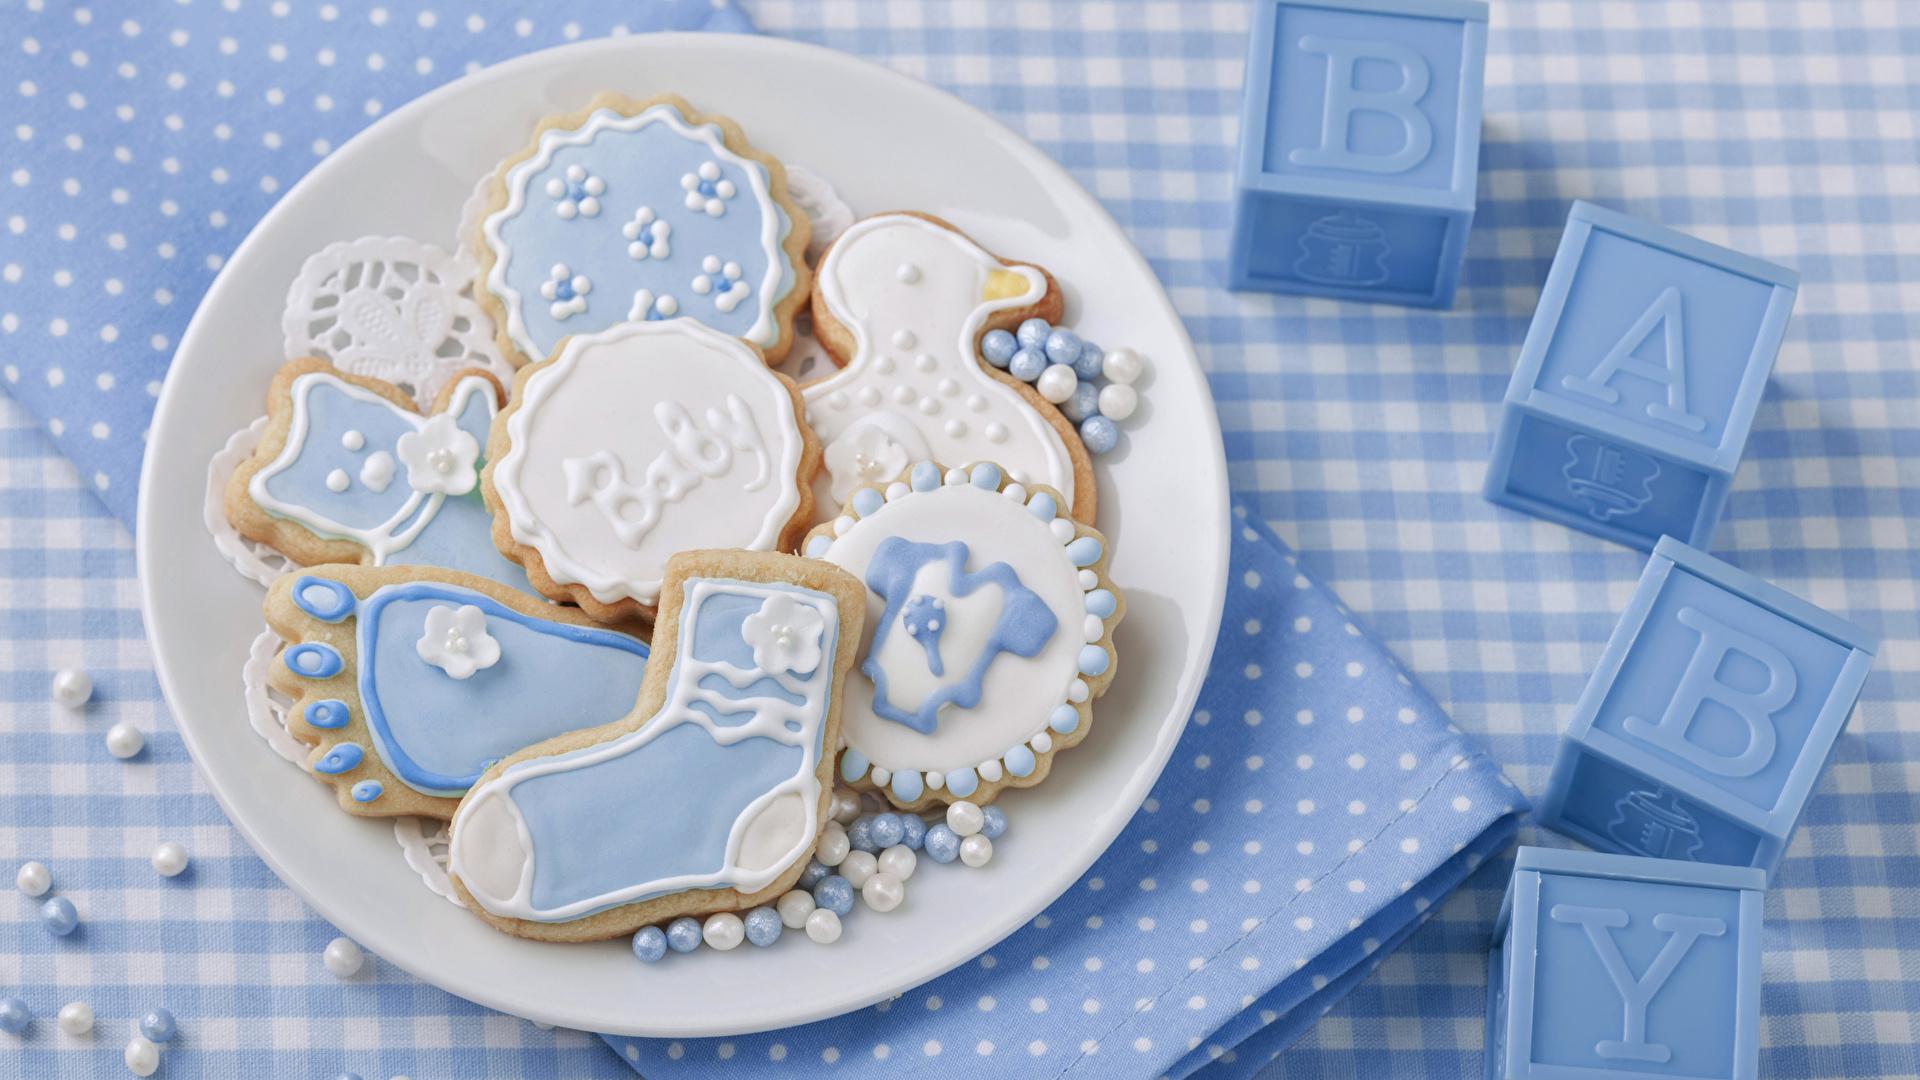 Bilder Kekse Teller Lebensmittel Design 1920x1080